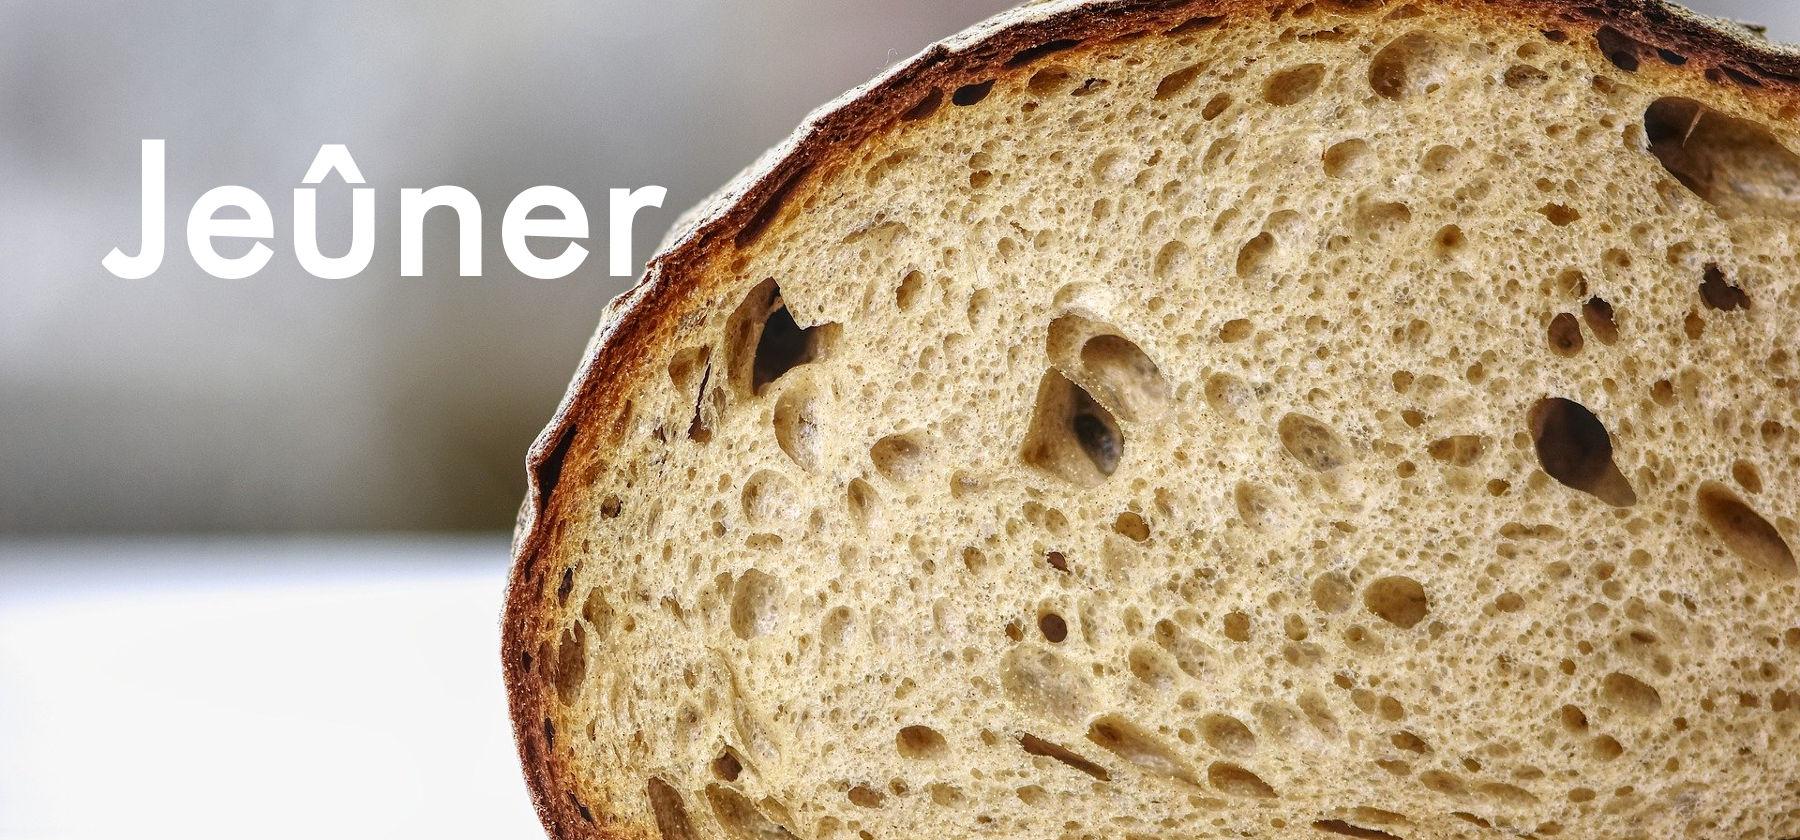 jeuner-jeune-pain